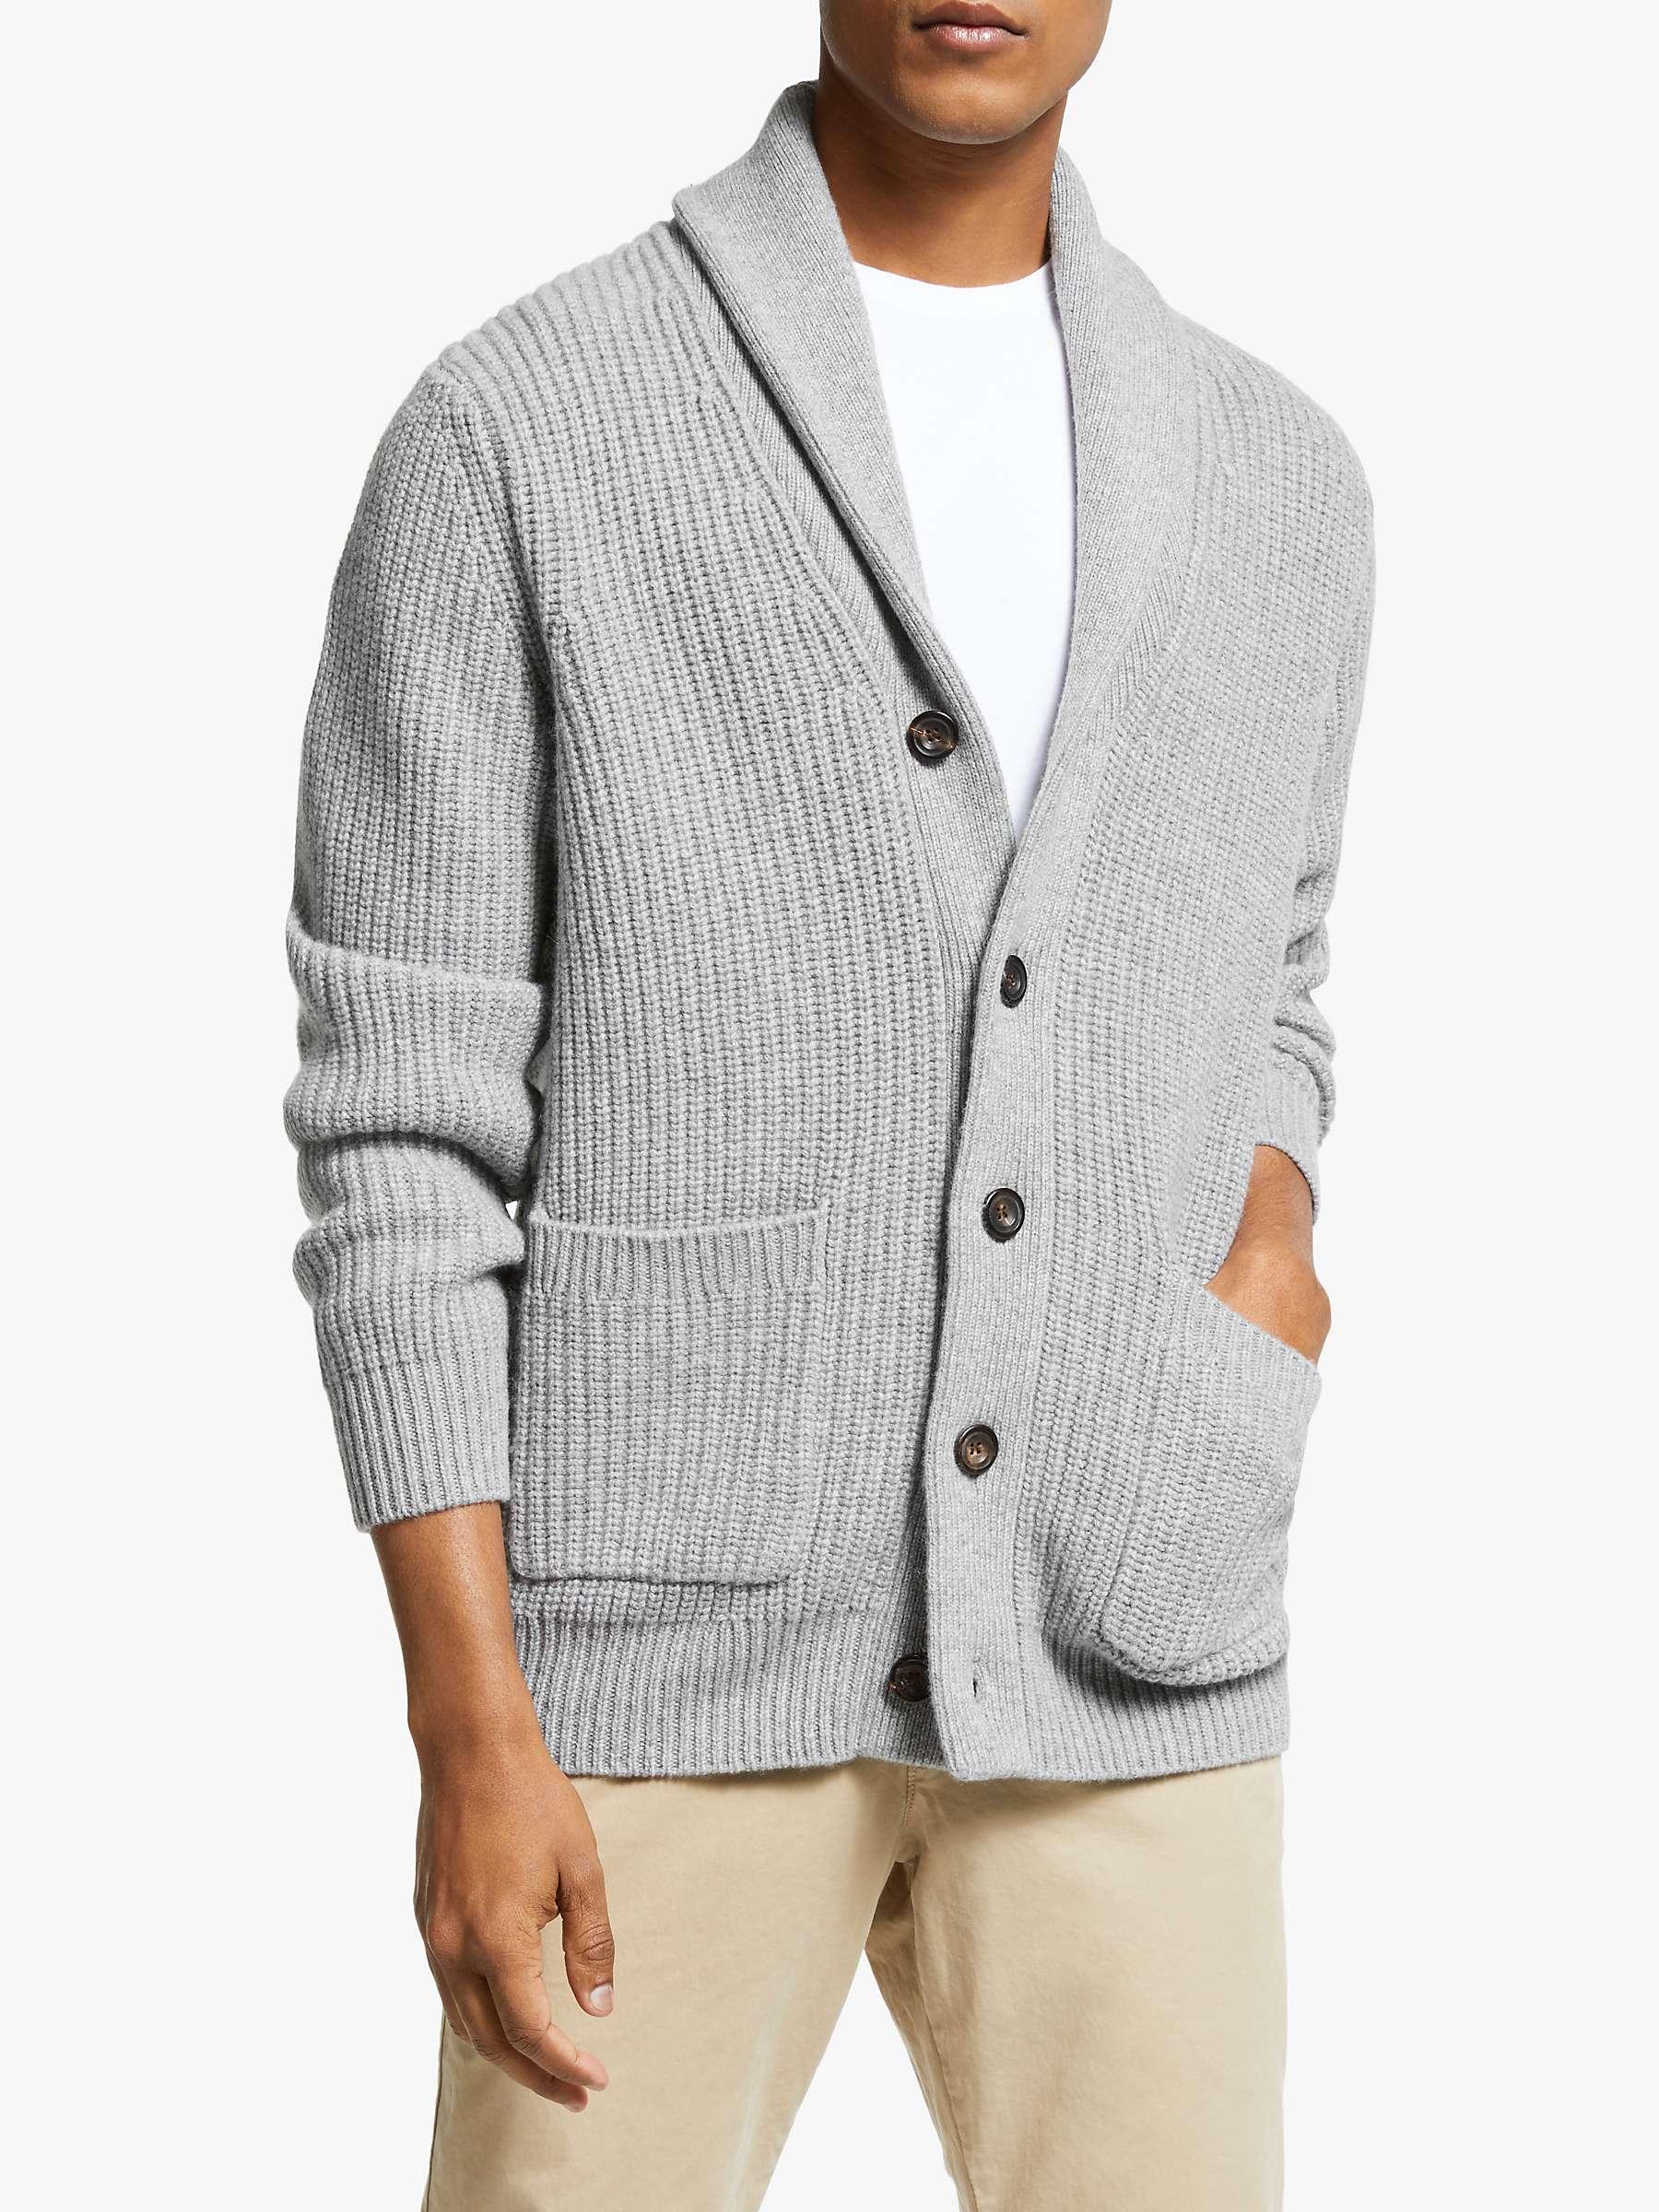 John Lewis & Partners Wool Cashmere Shawl Collar Cardigan, Grey Melange by John Lewis